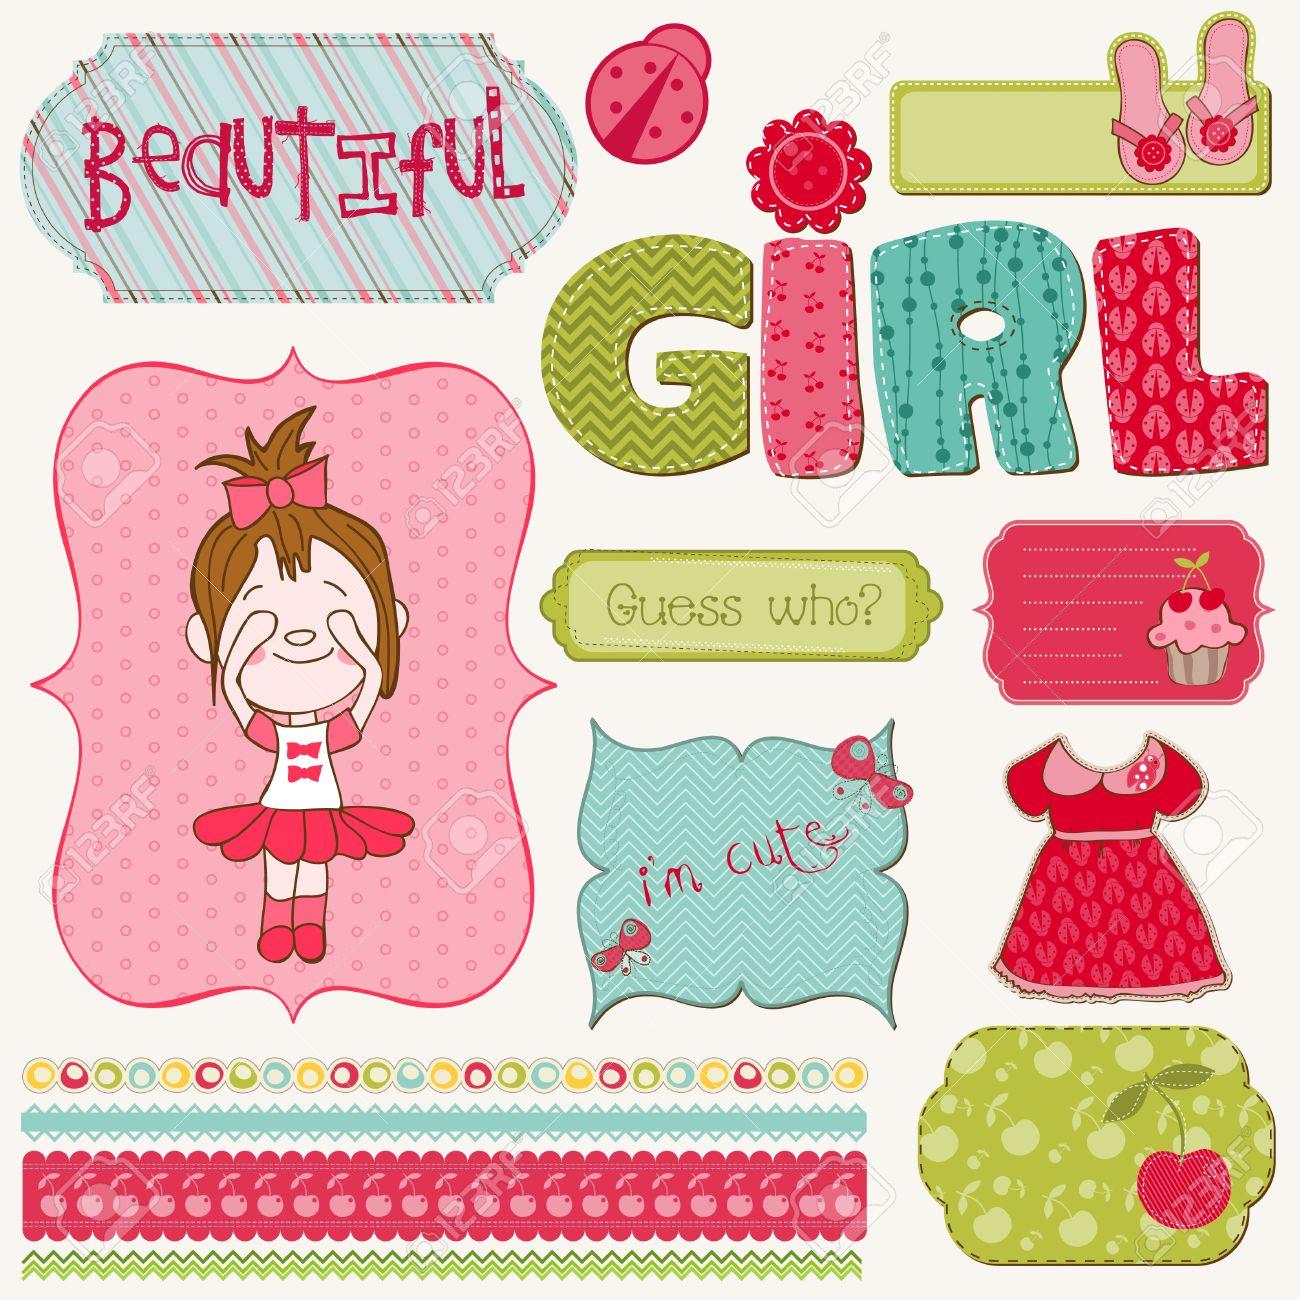 How to scrapbook for baby girl - Scrapbook Girl Set Design Elements Stock Vector 9478753